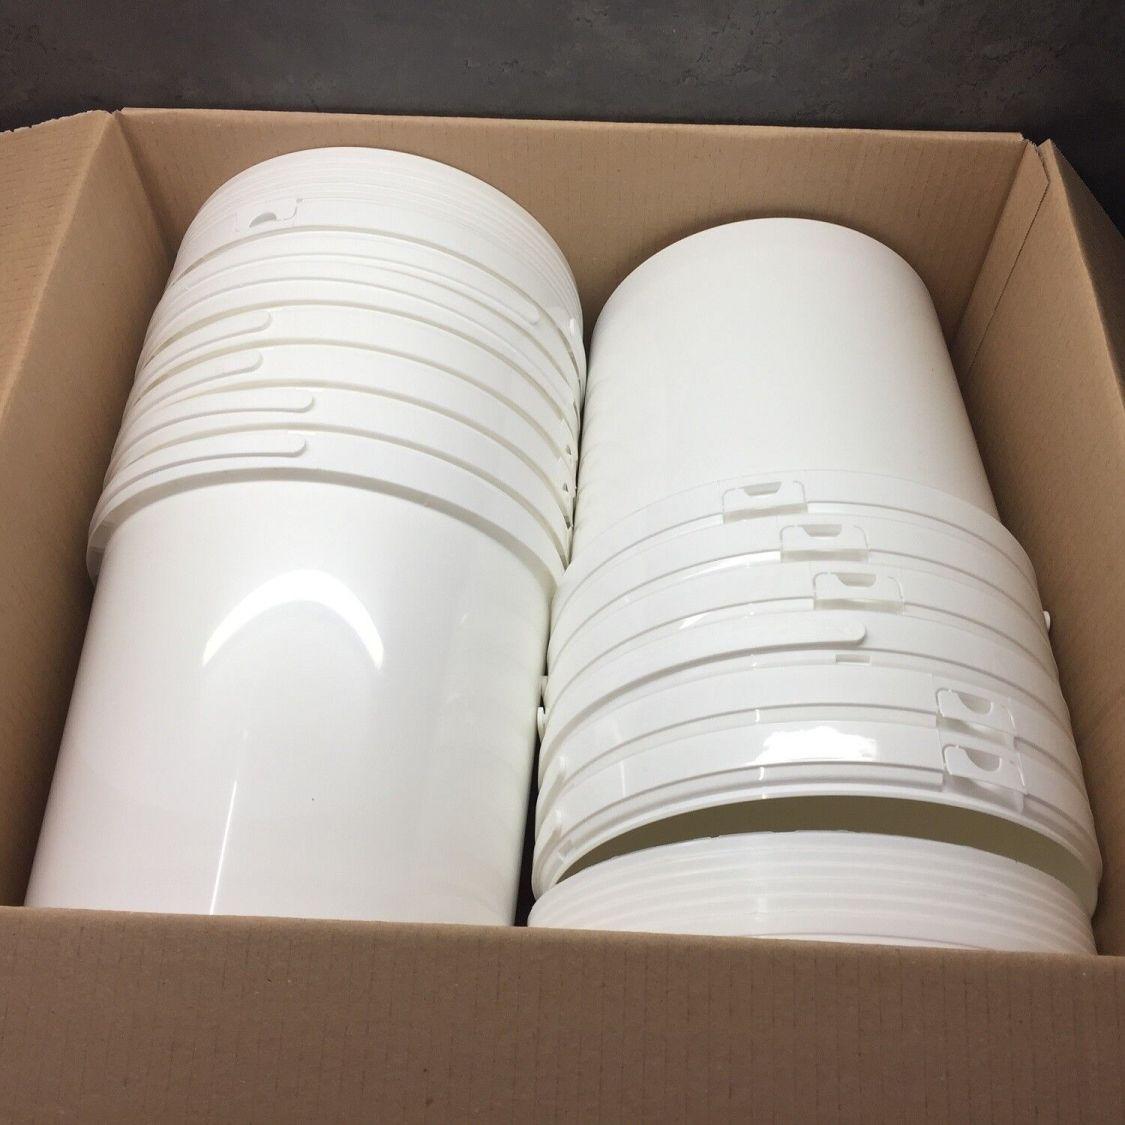 12 Stück 10 L Liter Eimer leer Leereimer weiß leere Kunststoffeimer mit Deckel